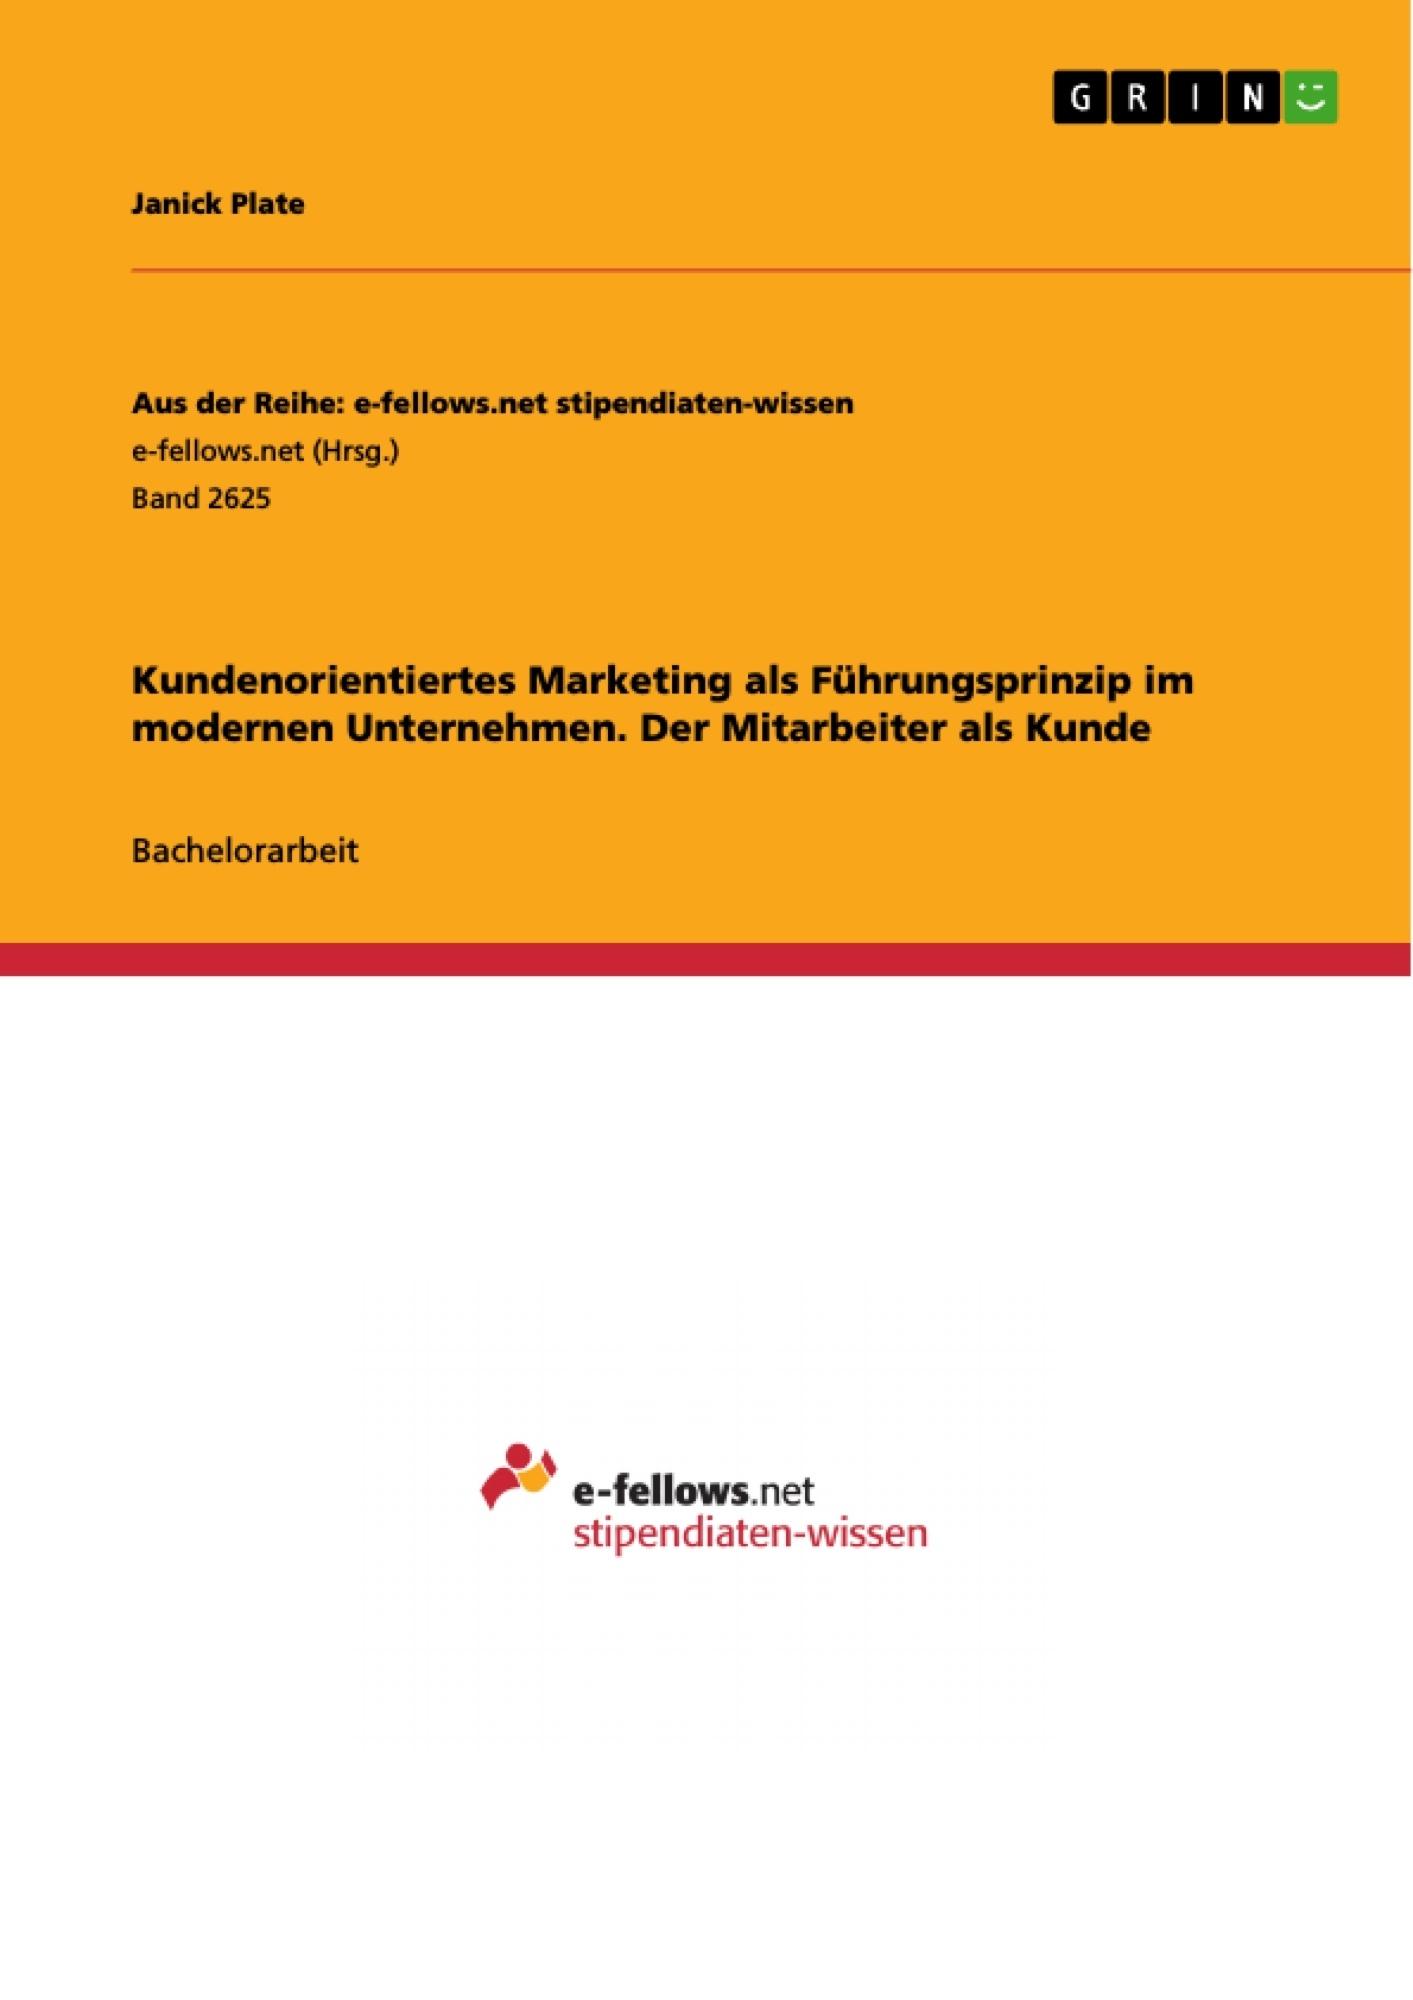 Titel: Kundenorientiertes Marketing als Führungsprinzip im modernen Unternehmen. Der Mitarbeiter als Kunde